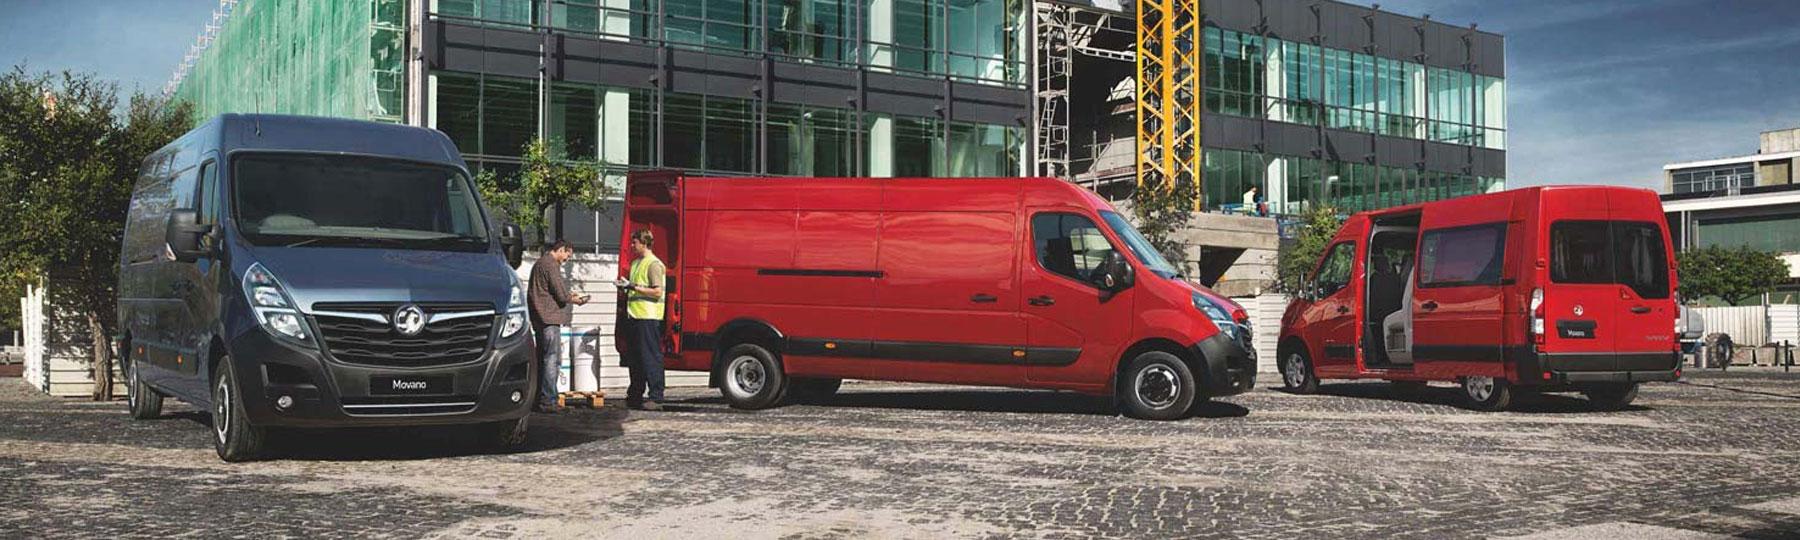 60d28a0e27 New Vauxhall Movano Essex